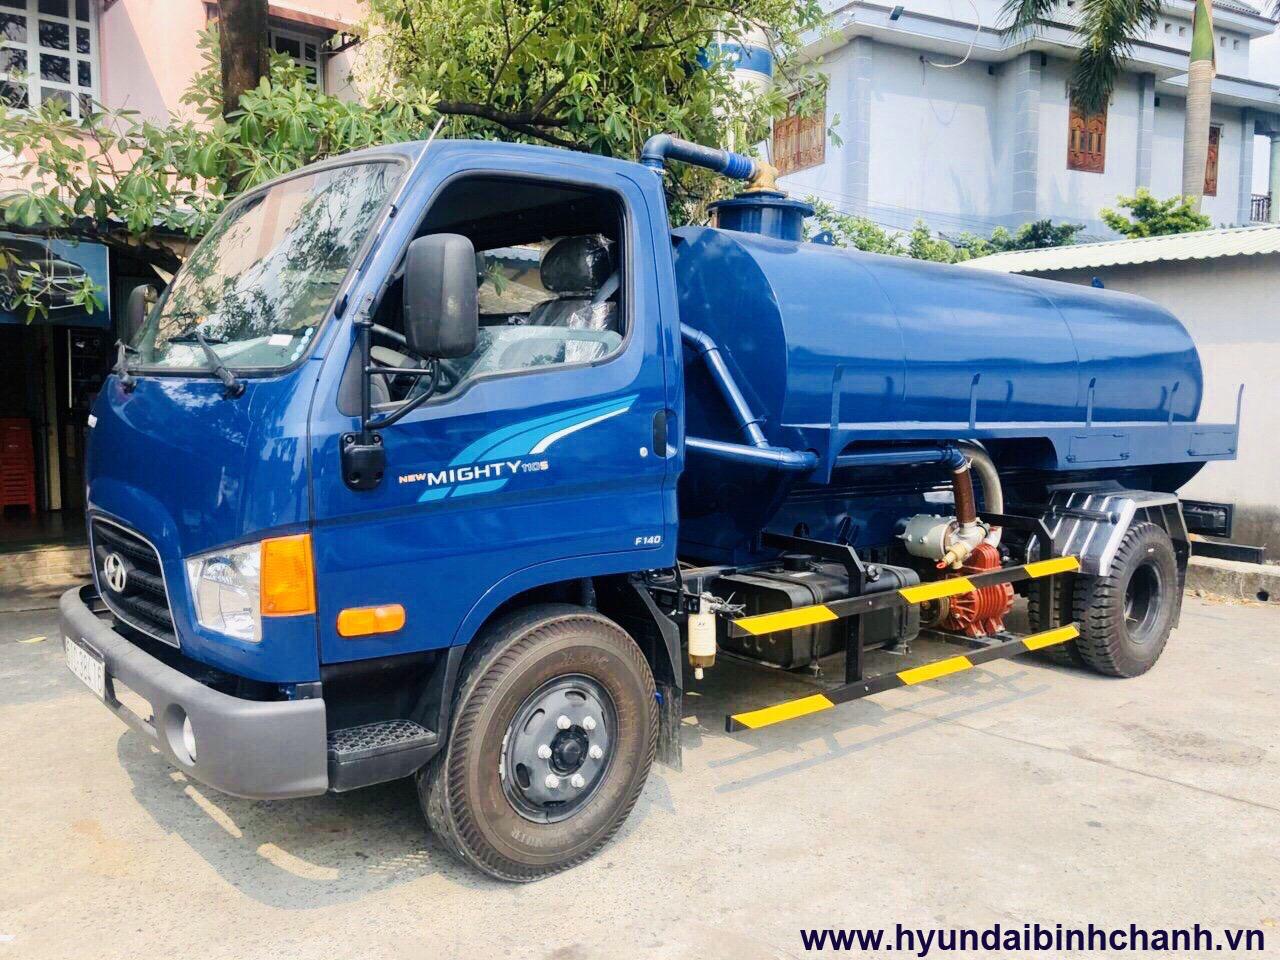 Hyundai-110s-hut-chat-thai.jpg